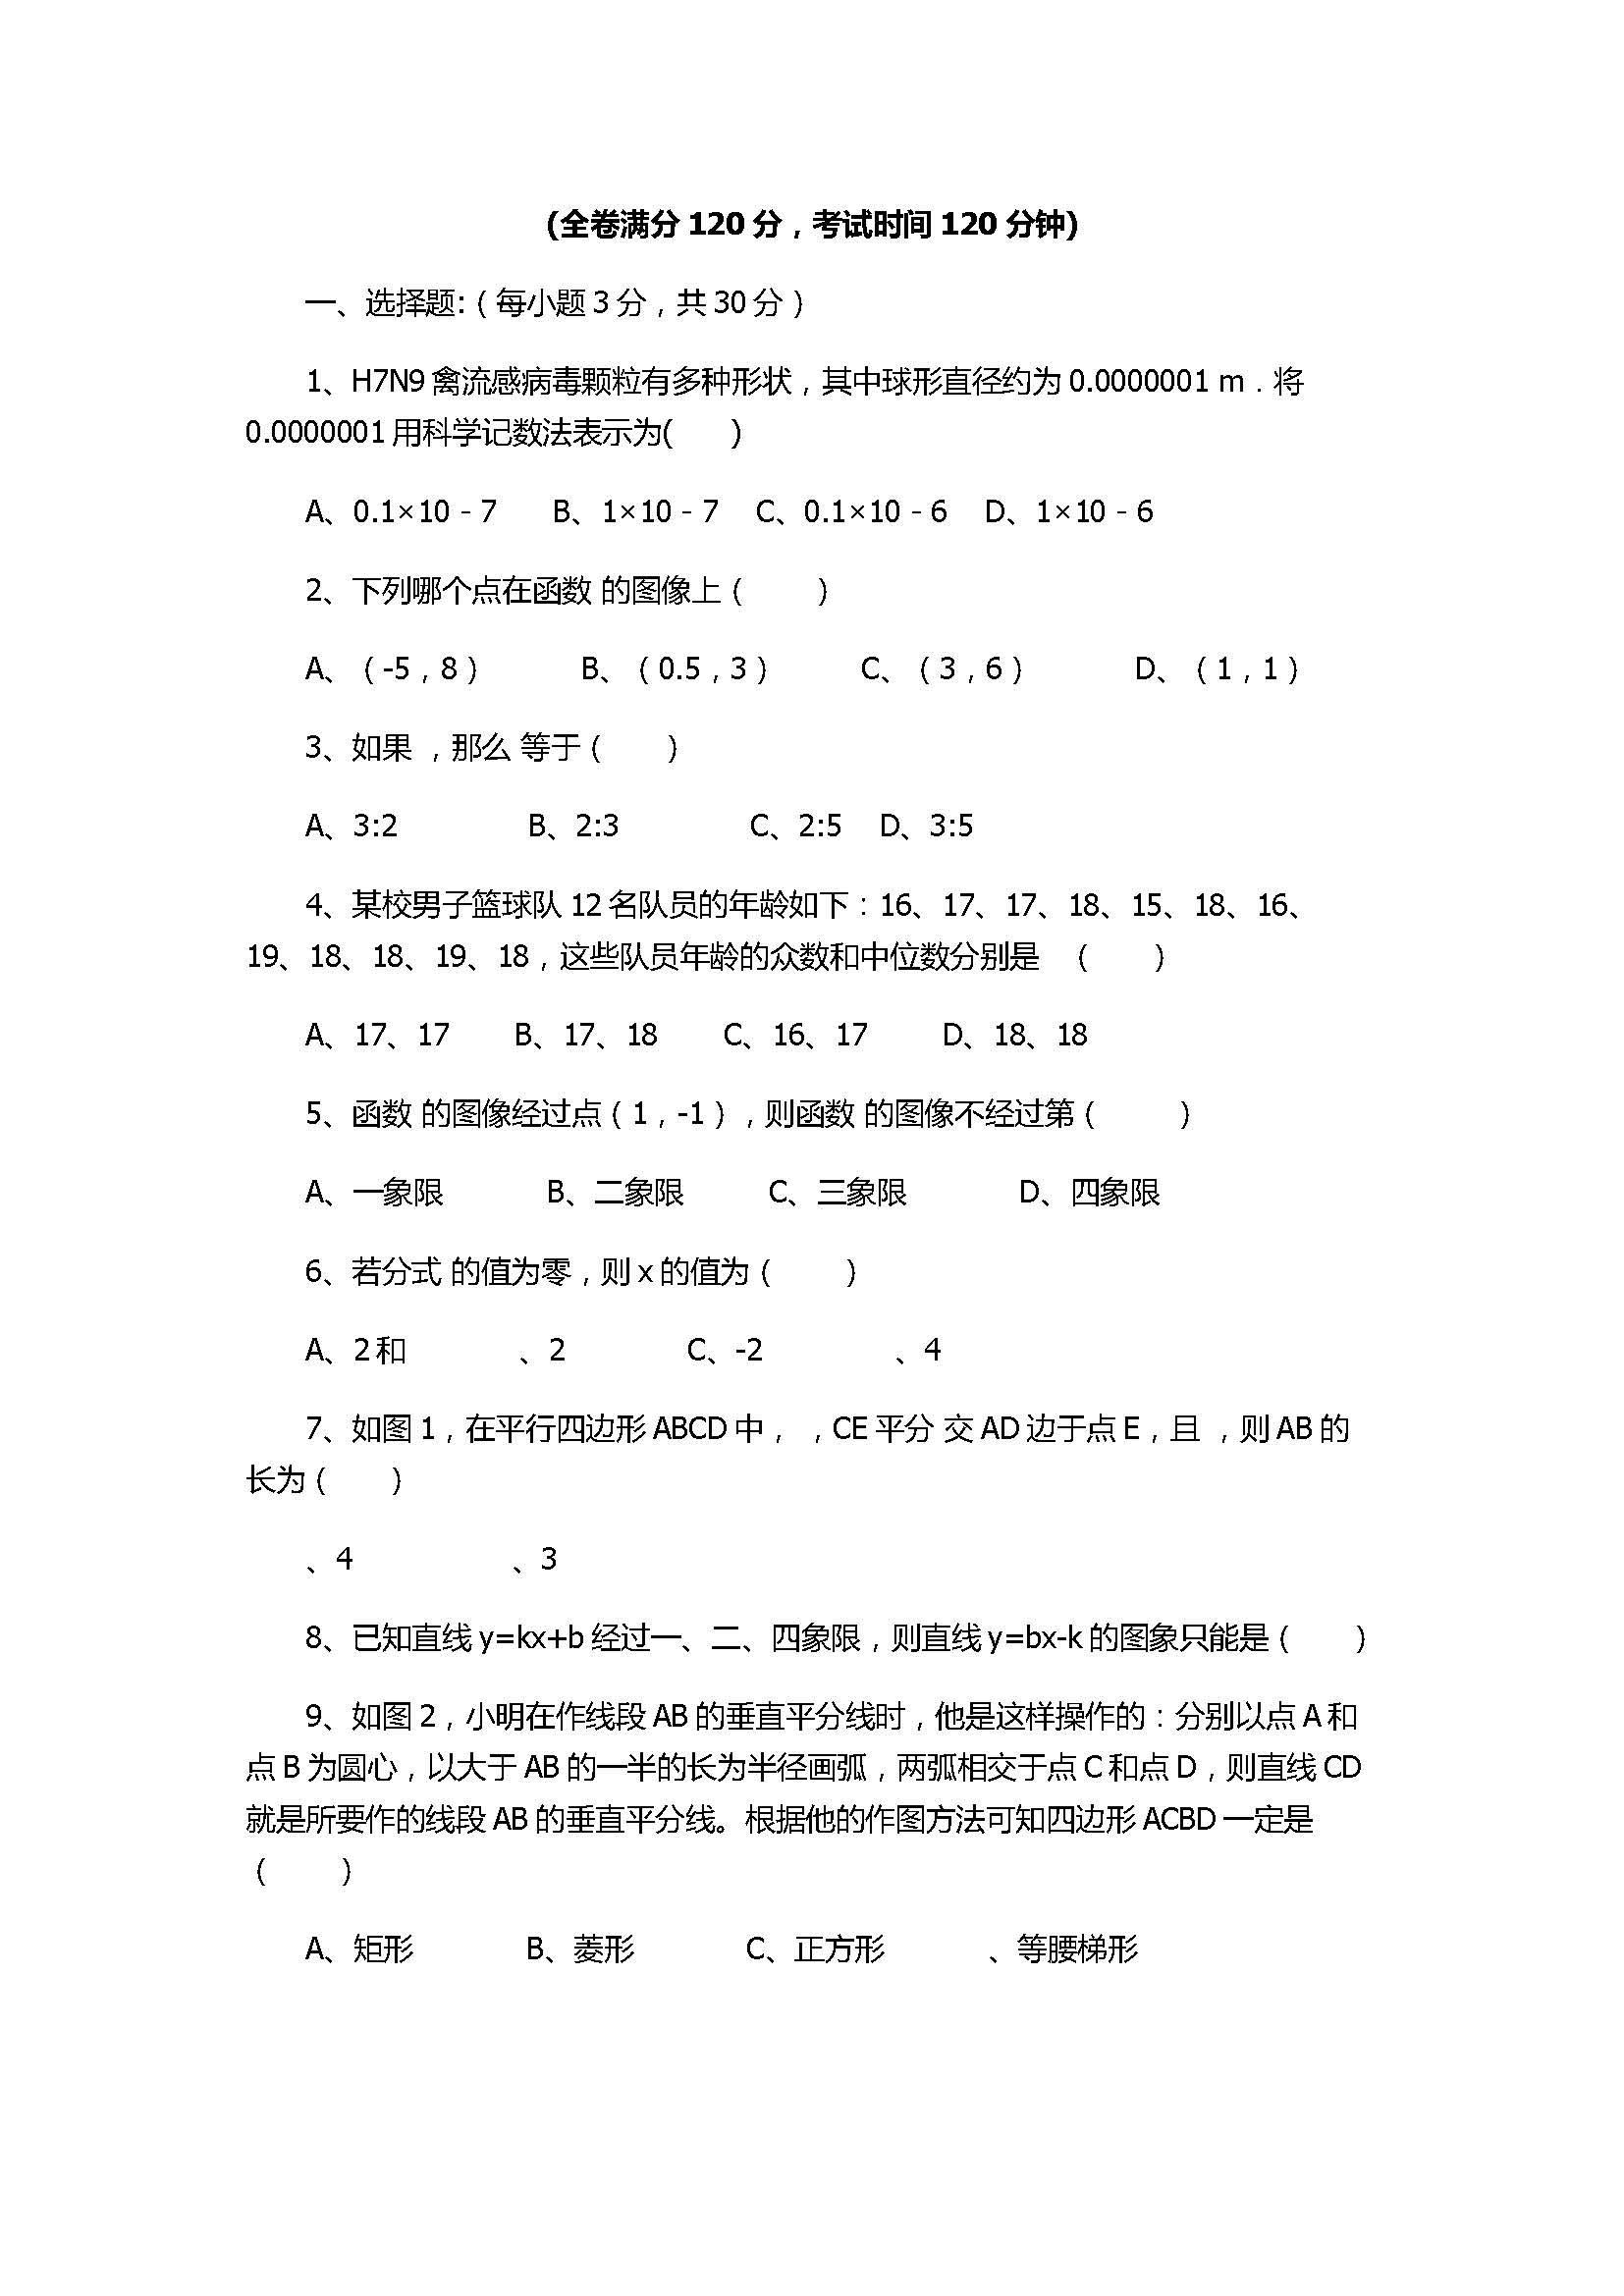 2017八年级数学下册期末联考试题试卷附参考答案(攀枝花市)